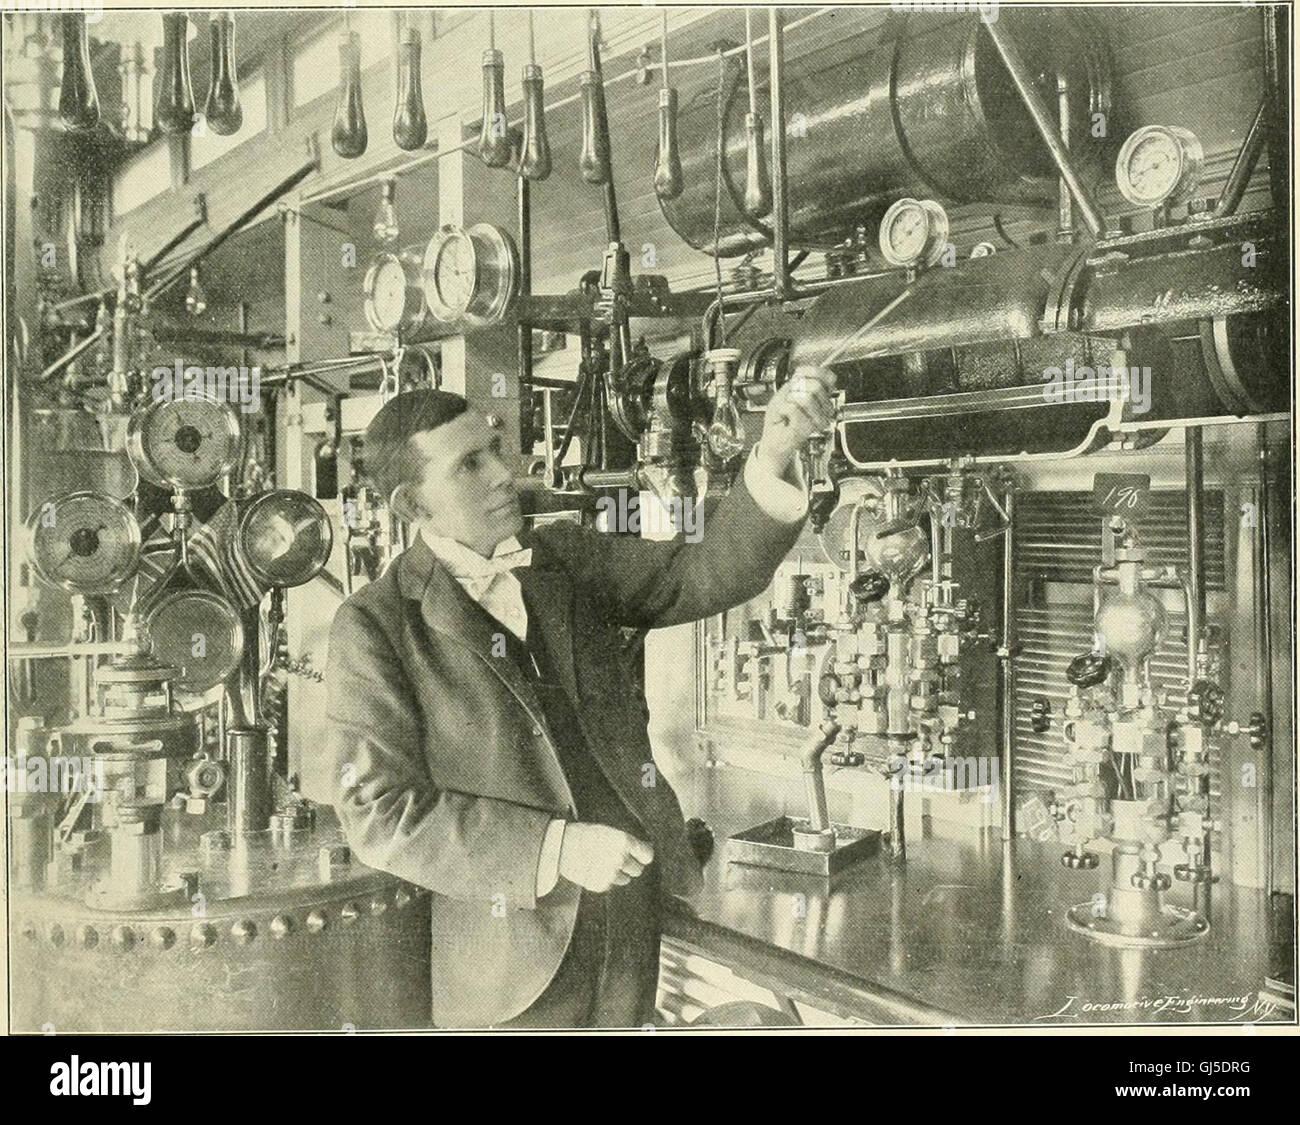 Locomotora ingeniería - una práctica oficial de potencia motriz ferroviaria y el material rodante (1900) Foto de stock